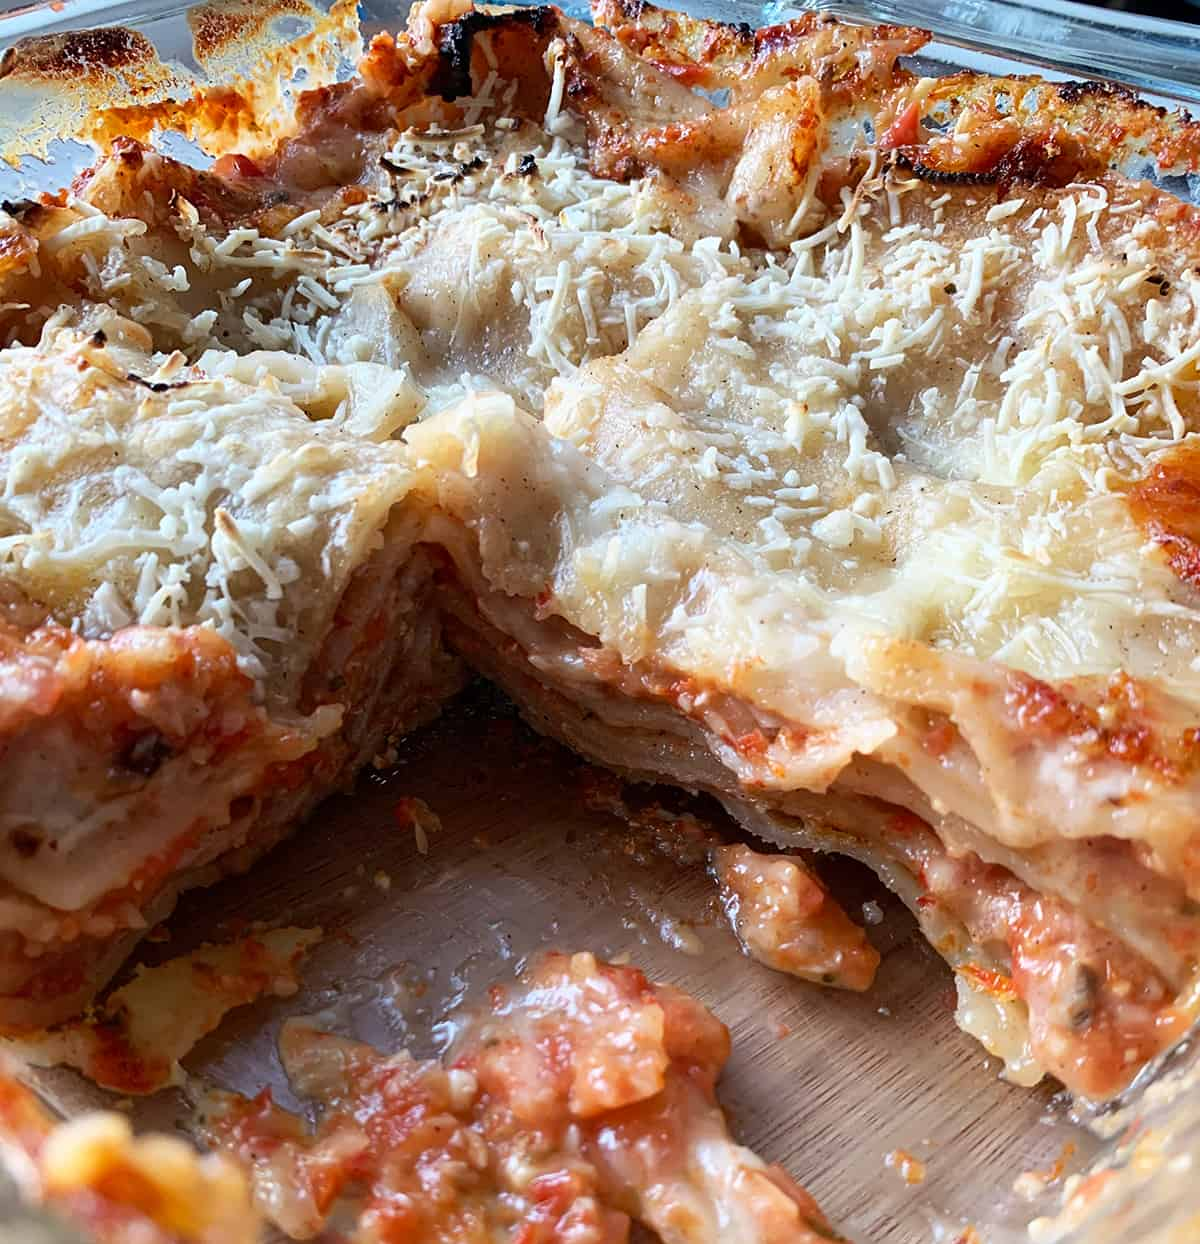 Vegan Lasagna Gluten Free Recipe upclose